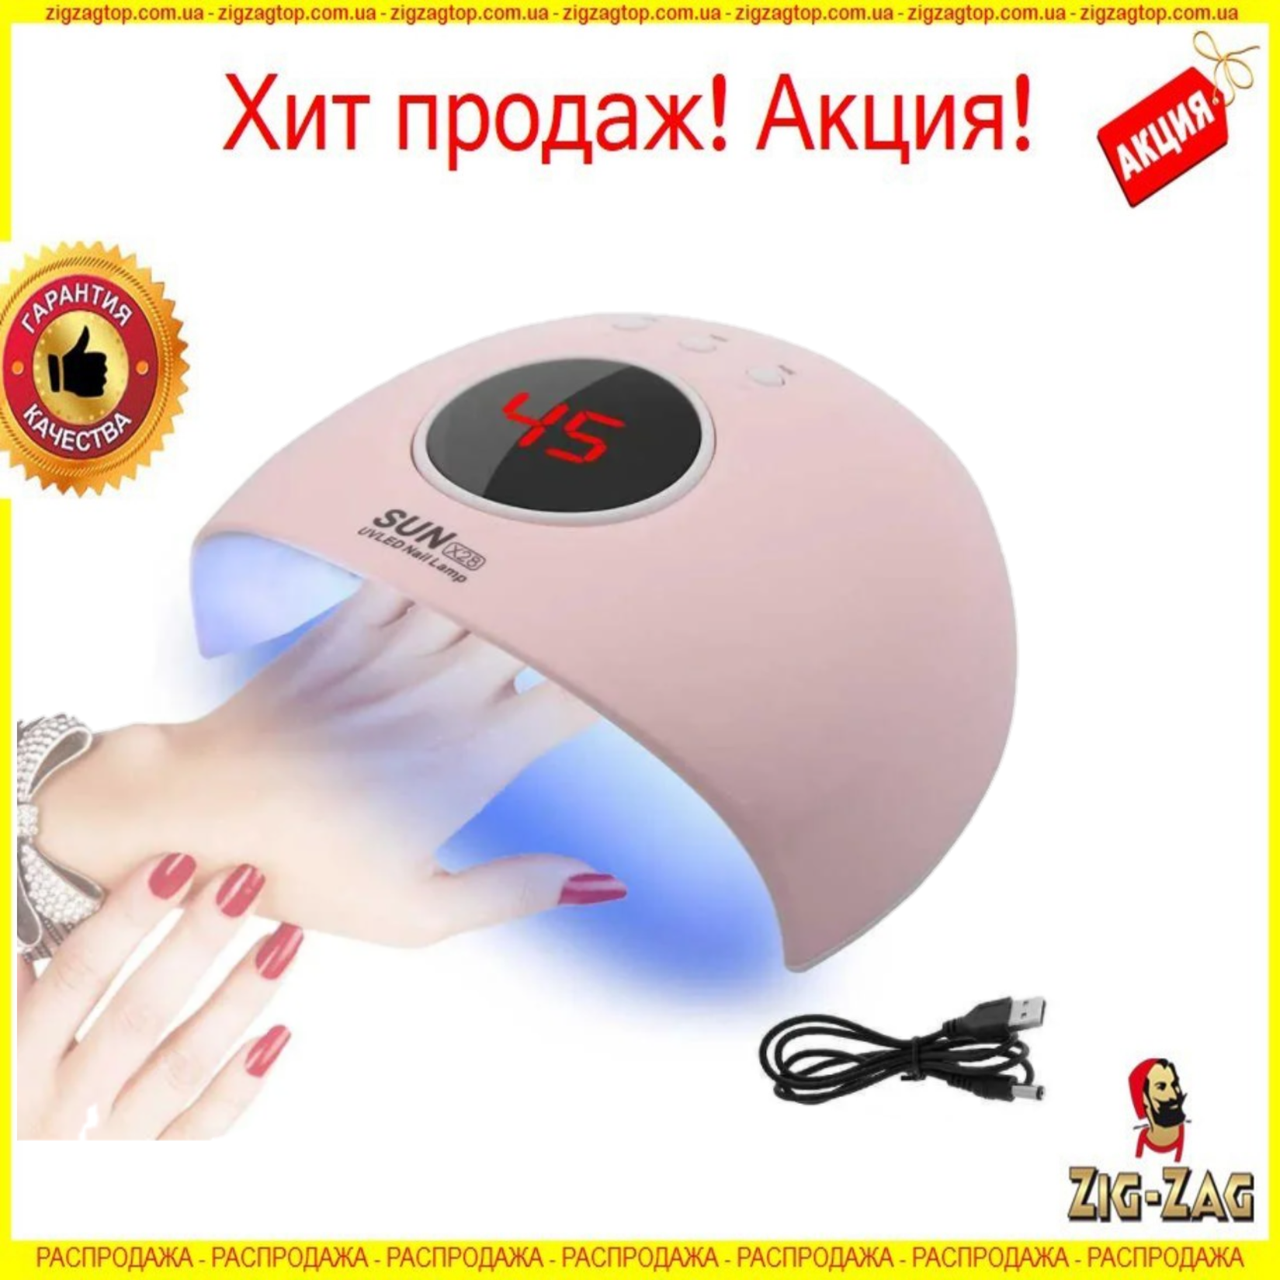 Лампа УФ для ногтей SUN X28 LED Лампа для Маникюра и Педикюра гель Лака Для Полимеризации с Таймером